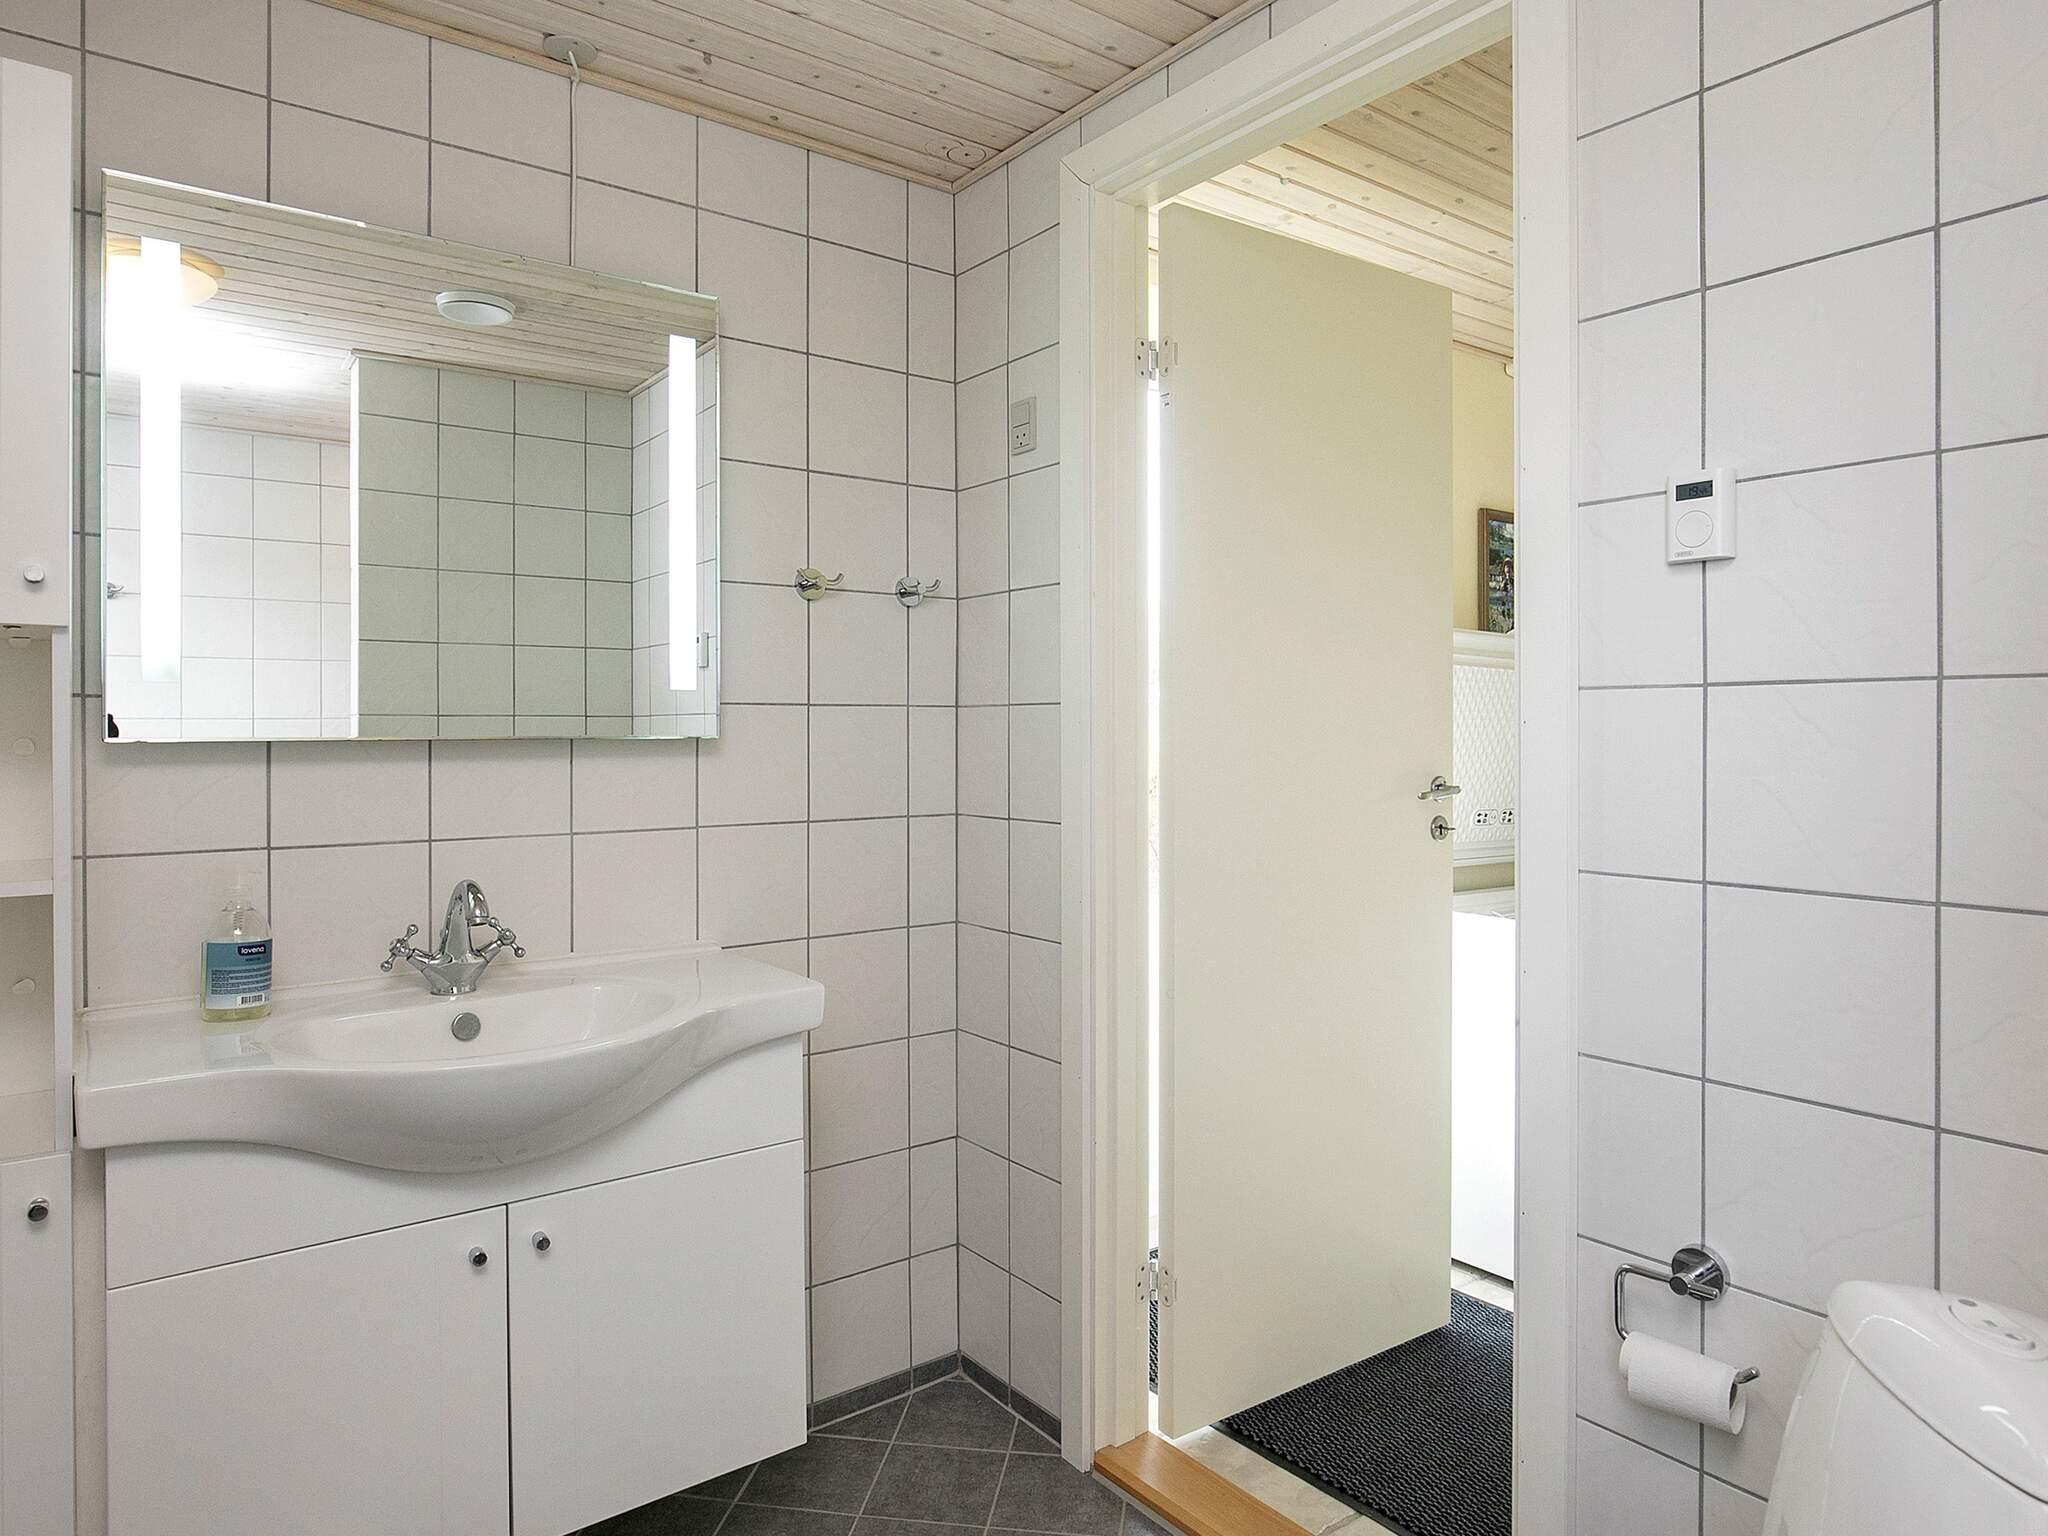 Ferienhaus Ærø/Ærøskøbing (237302), Ærøskøbing, , Ærø, Dänemark, Bild 13